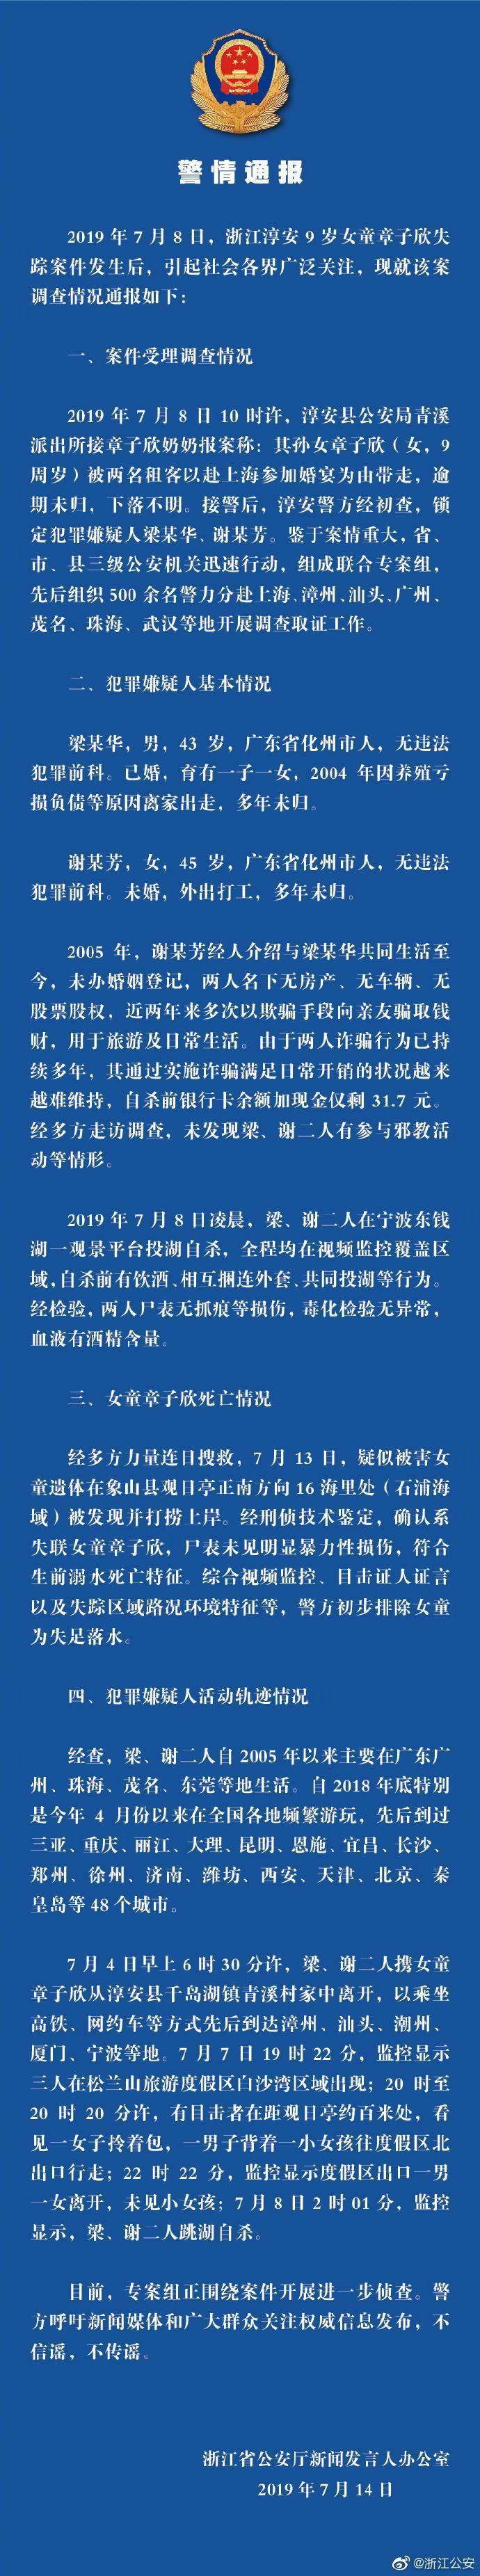 浙江淳安失踪女童章子欣死因公布:符合生前溺水死亡特征